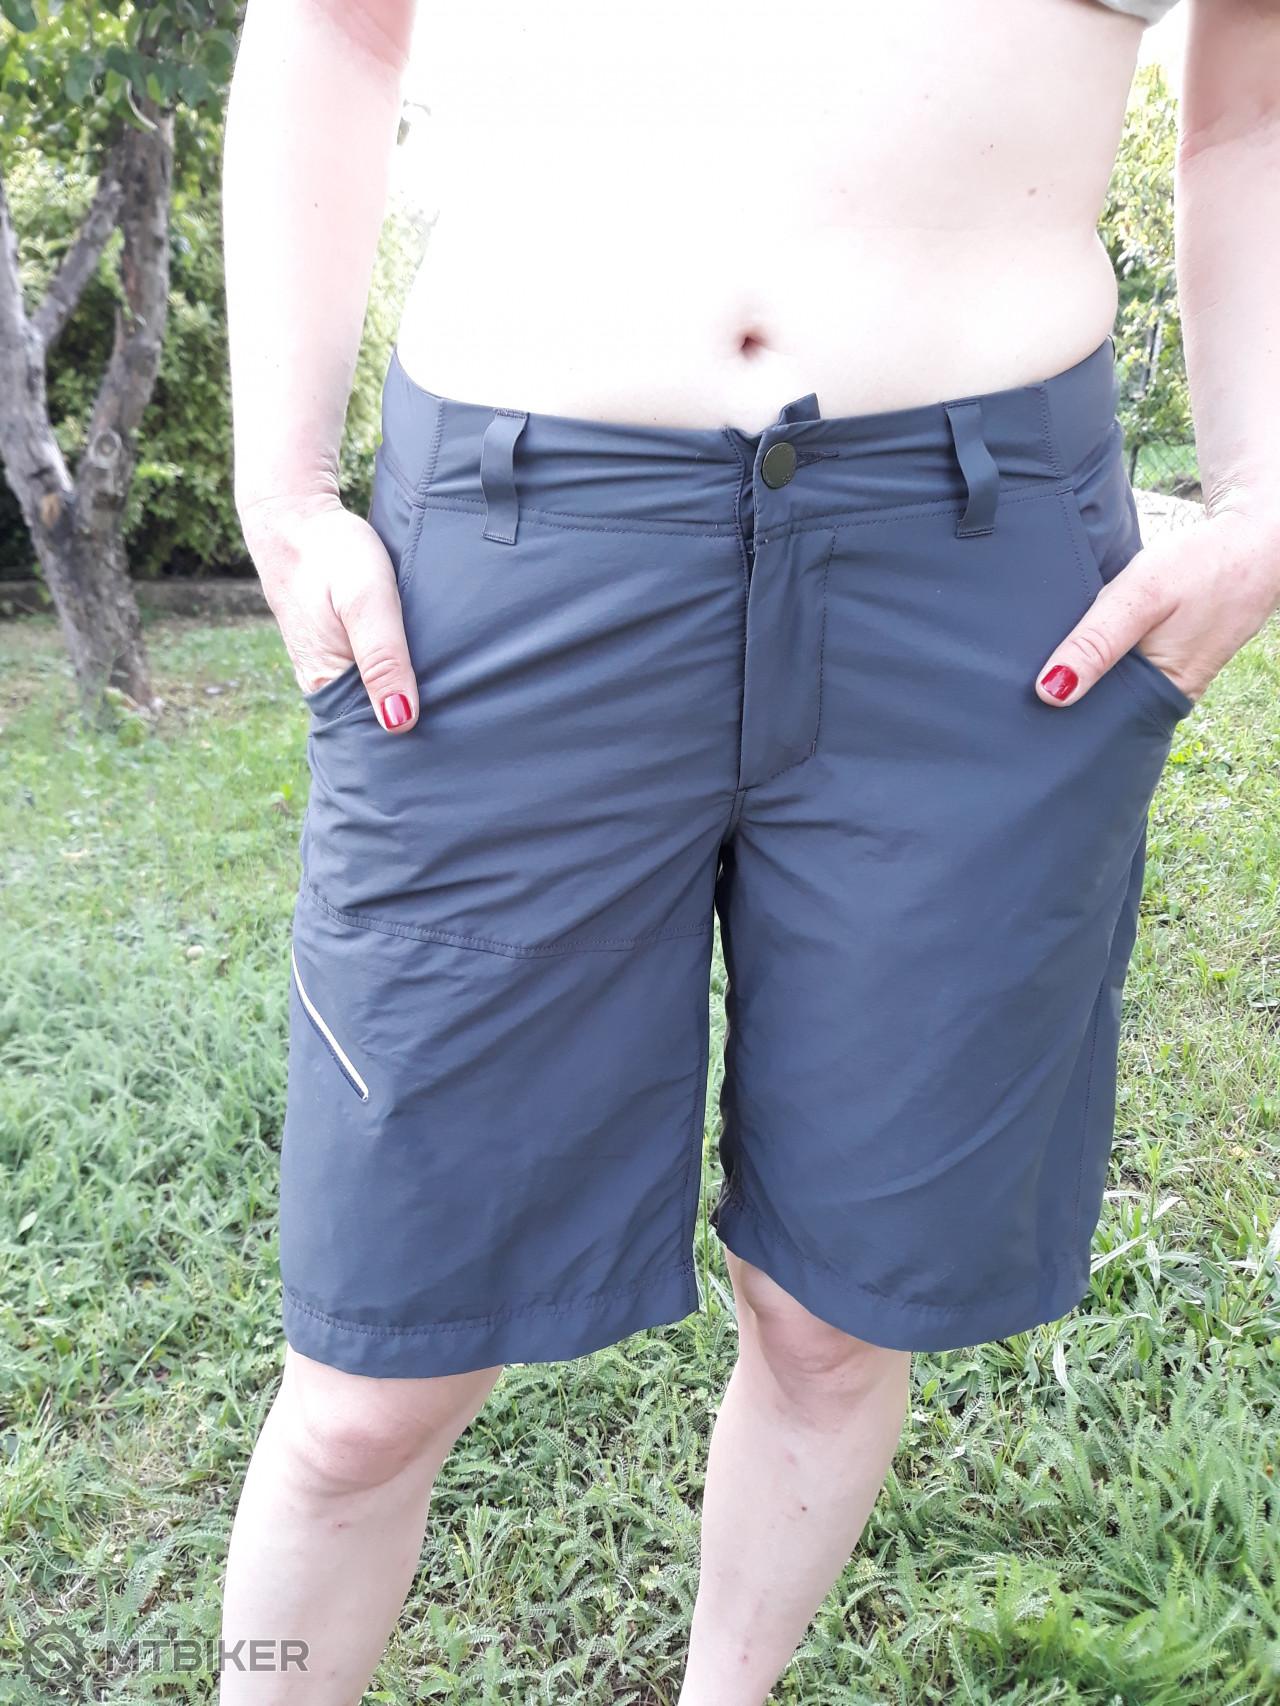 d60bfb551 Norheim Trail Shorts - Damske - Príslušenstvo - Oblečenie a batohy ...